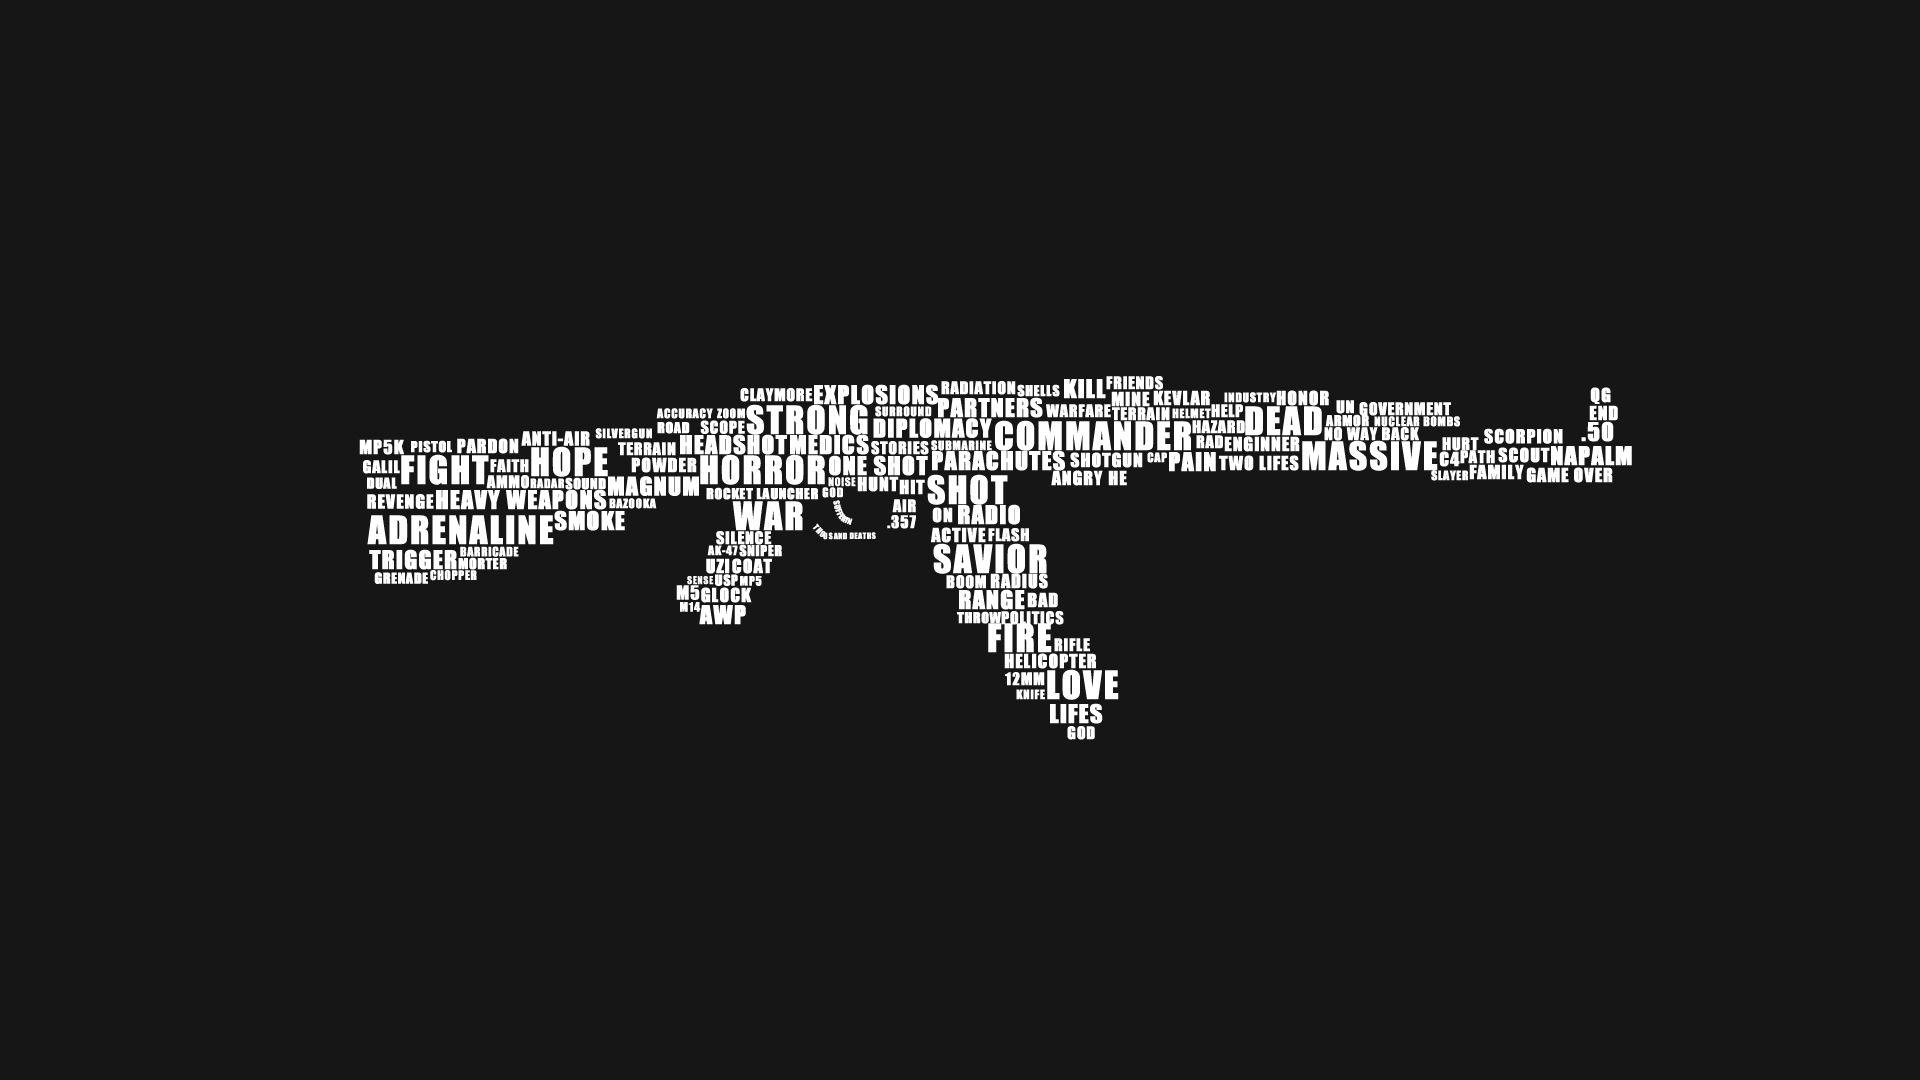 AK 47 Wallpaper By Blinkit Desktop